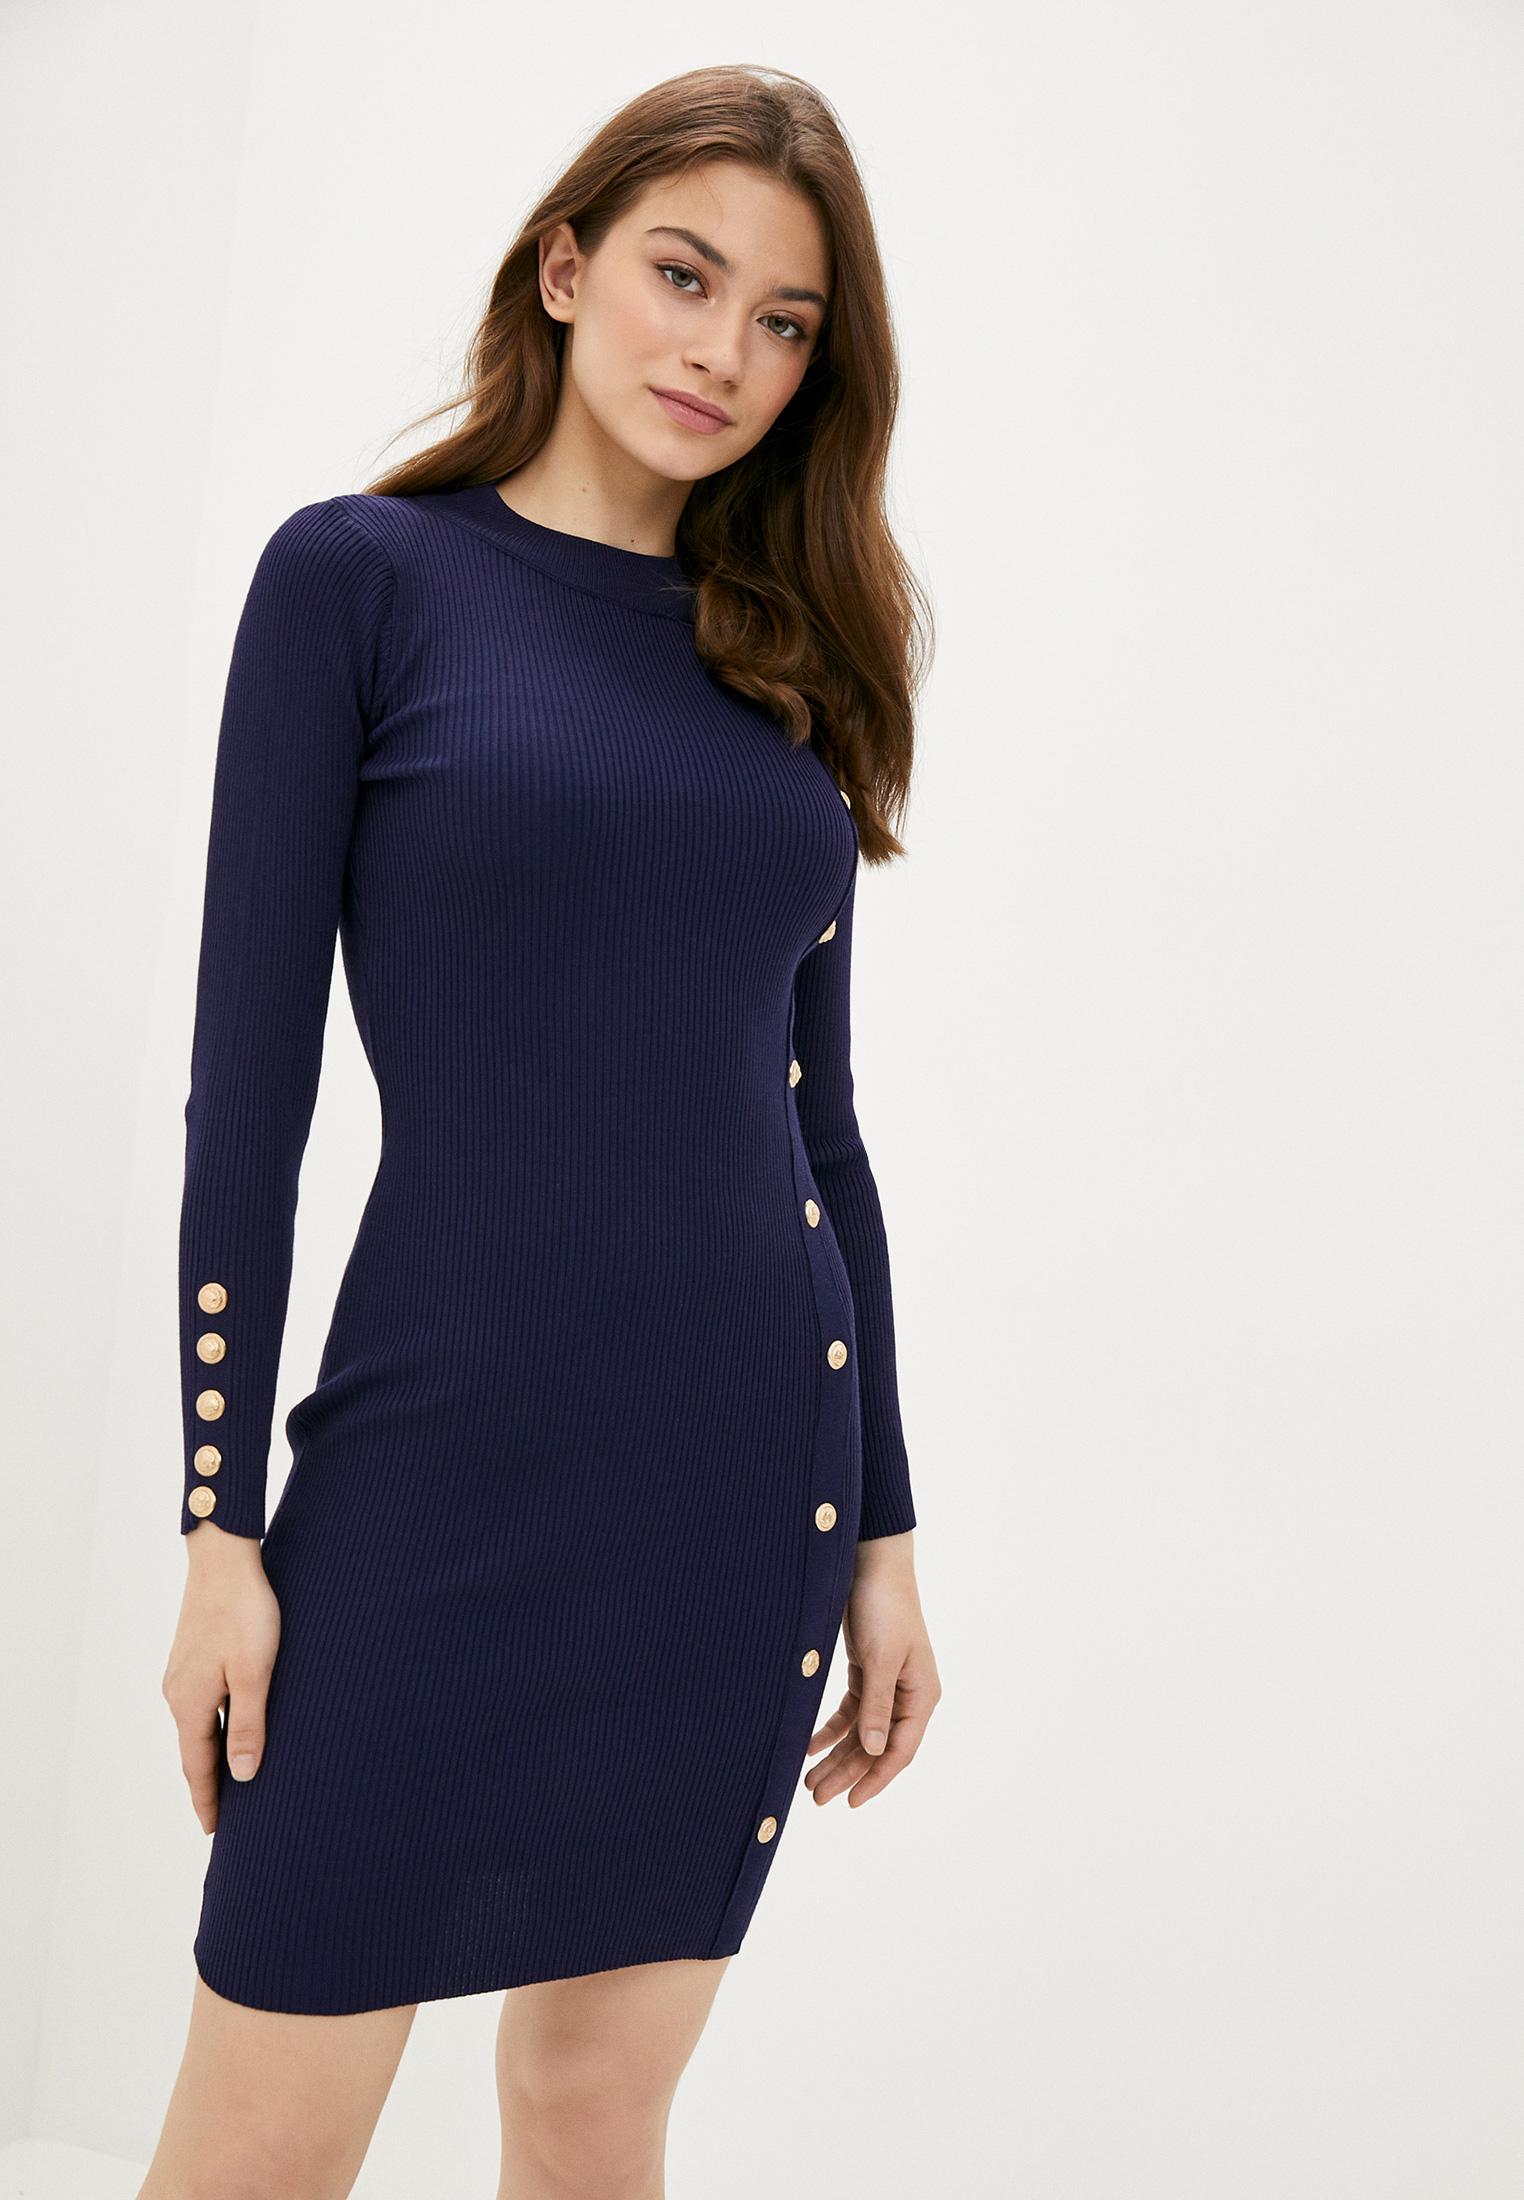 Вязаное платье Fresh Cotton 852